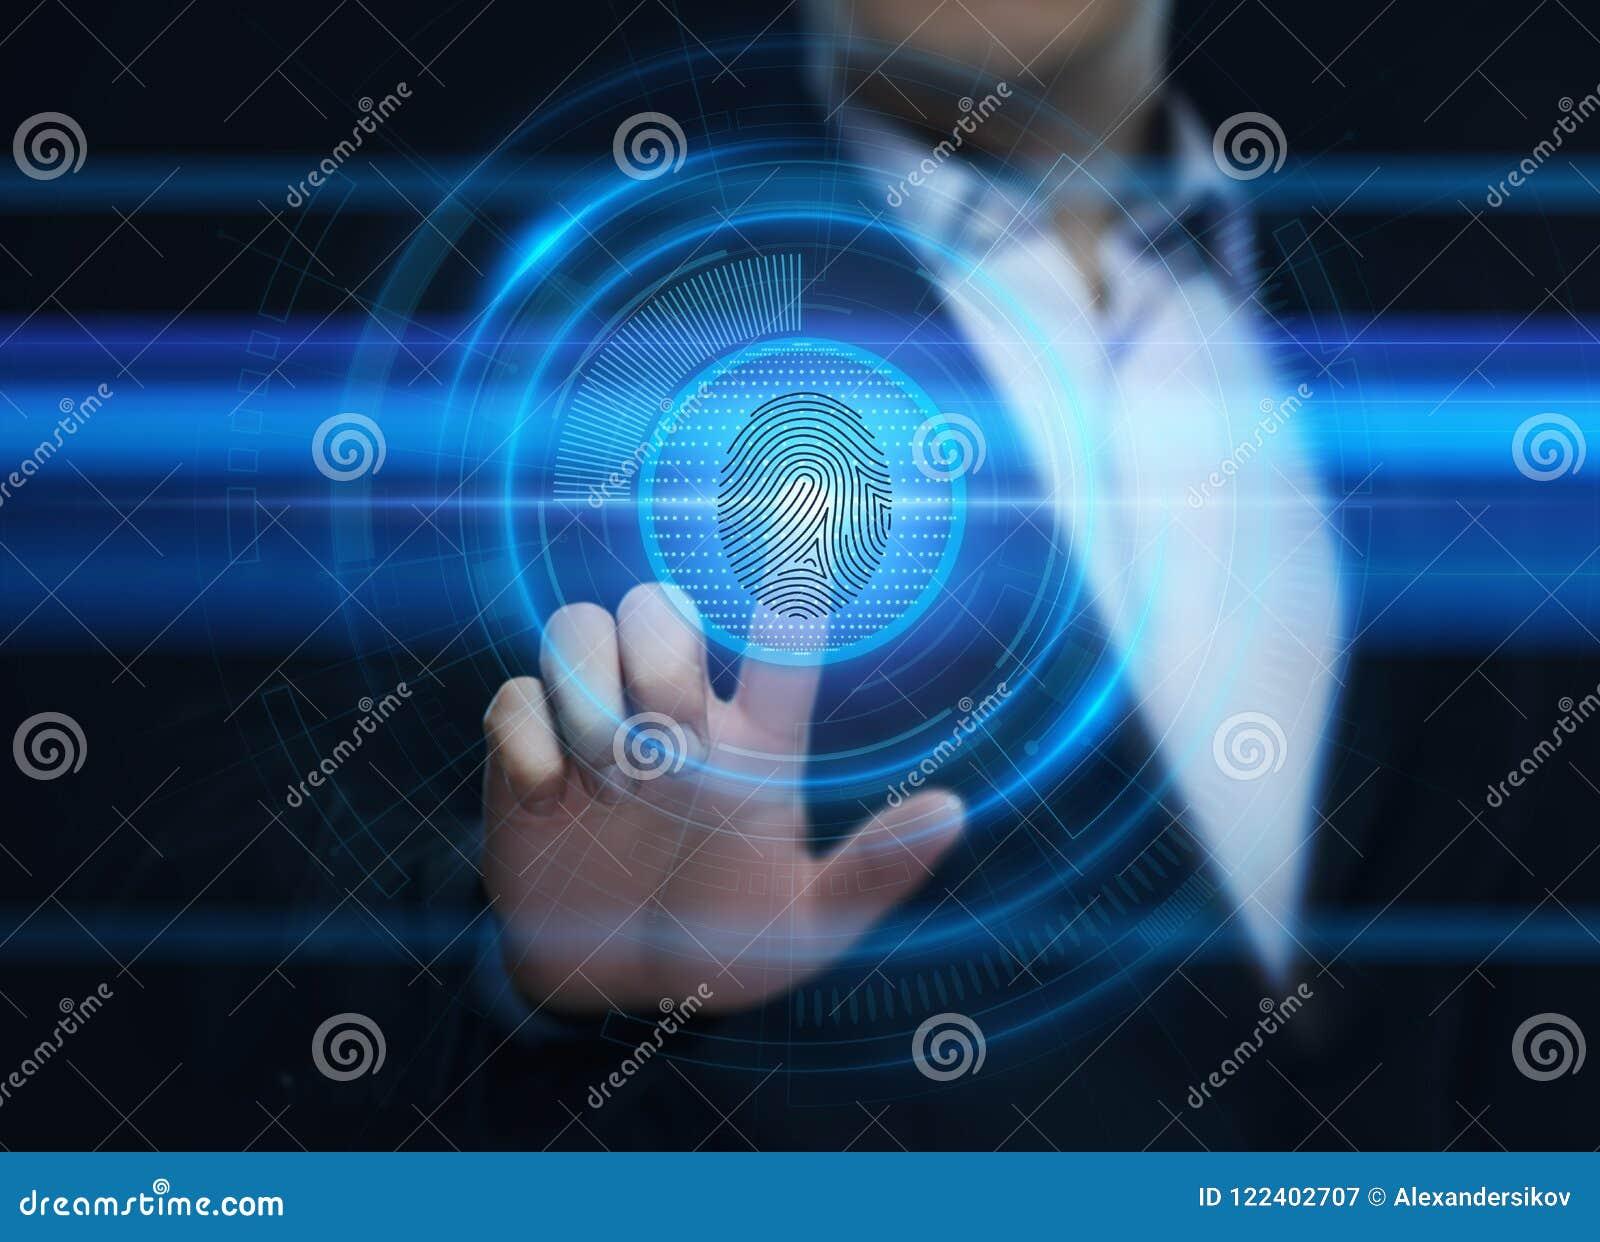 指纹扫描提供安全通入以生物测定学证明 企业技术安全互联网概念